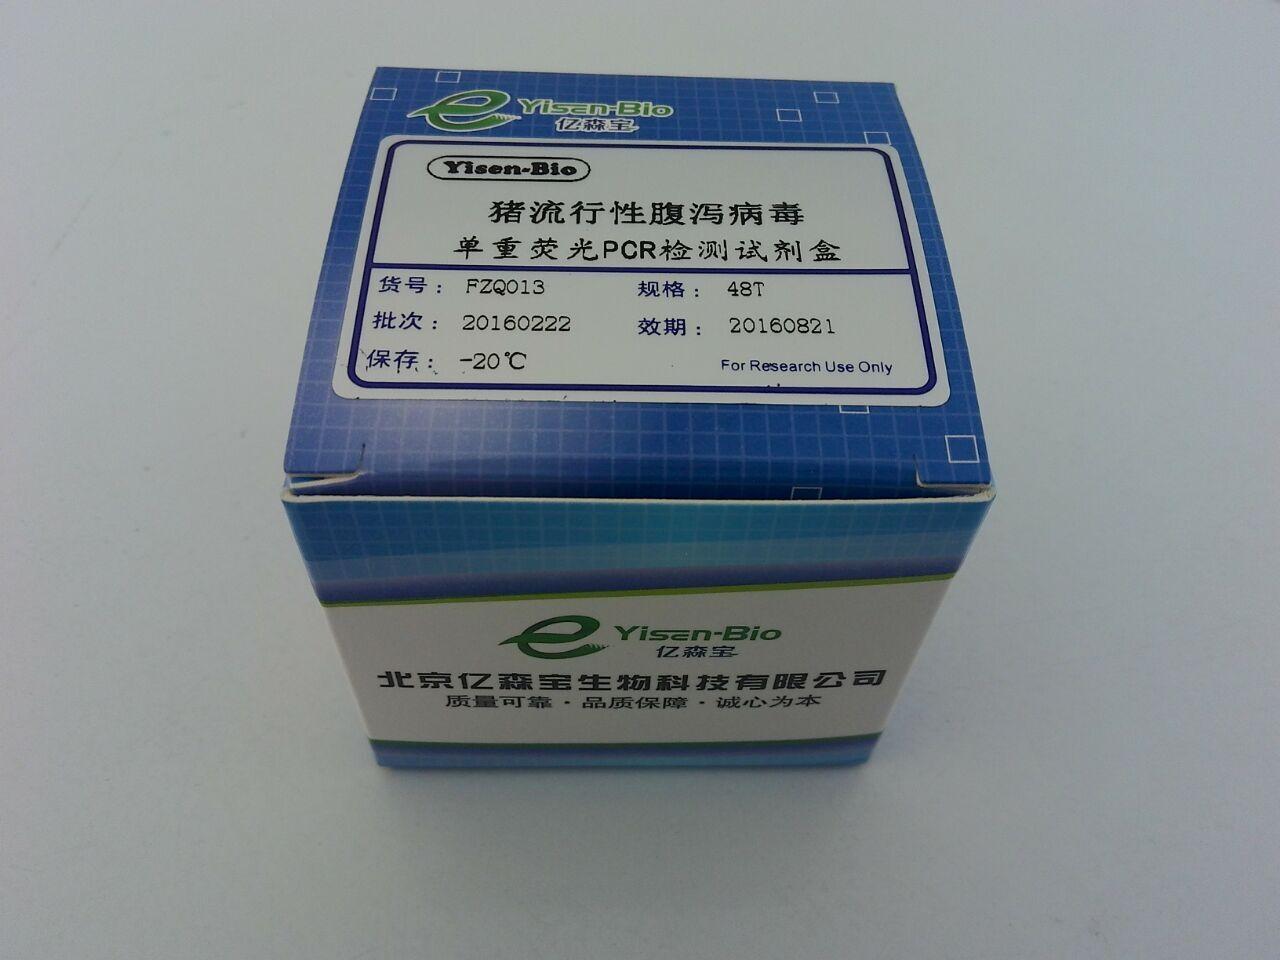 高致病猪蓝耳和猪蓝耳通用型(二合一)荧光PCR检测试剂盒